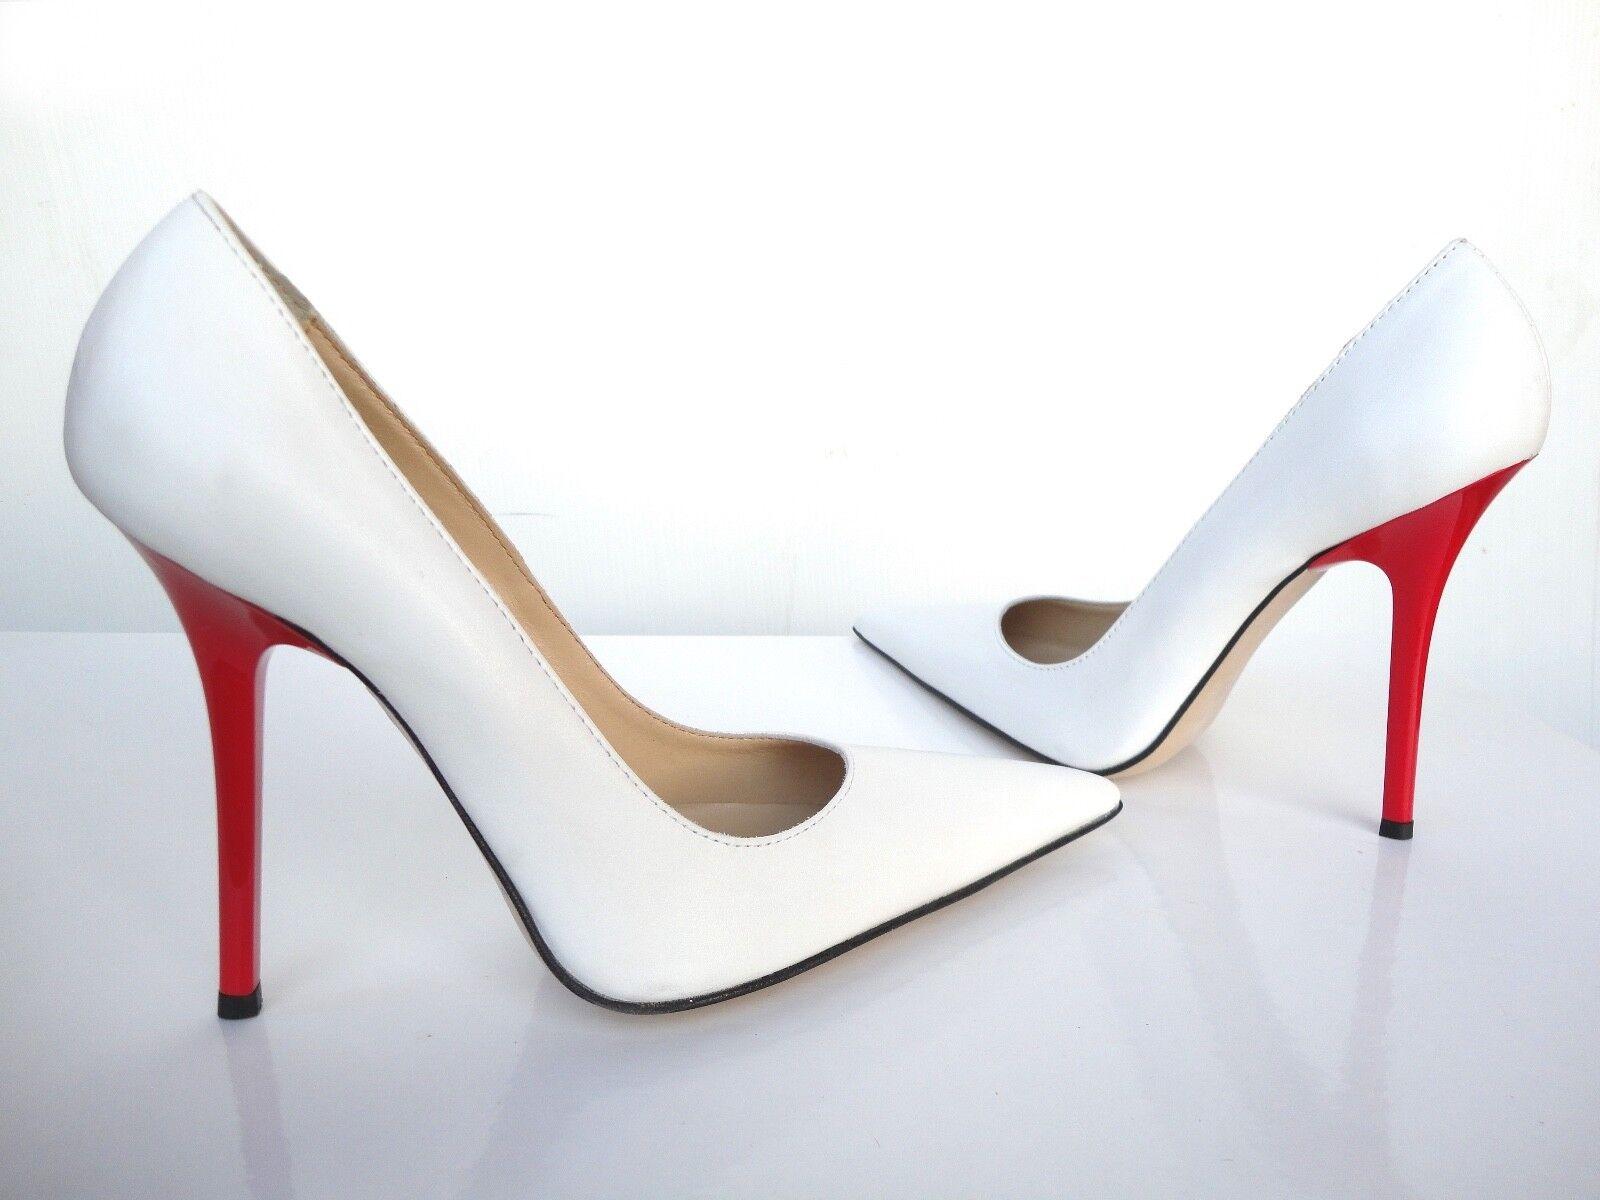 Zapatos De Cuero Cuero Cuero GIOHEL Italia Rojo tacones altos en punta Bombas Zapatos Tribunal Blanco 41- df0d98